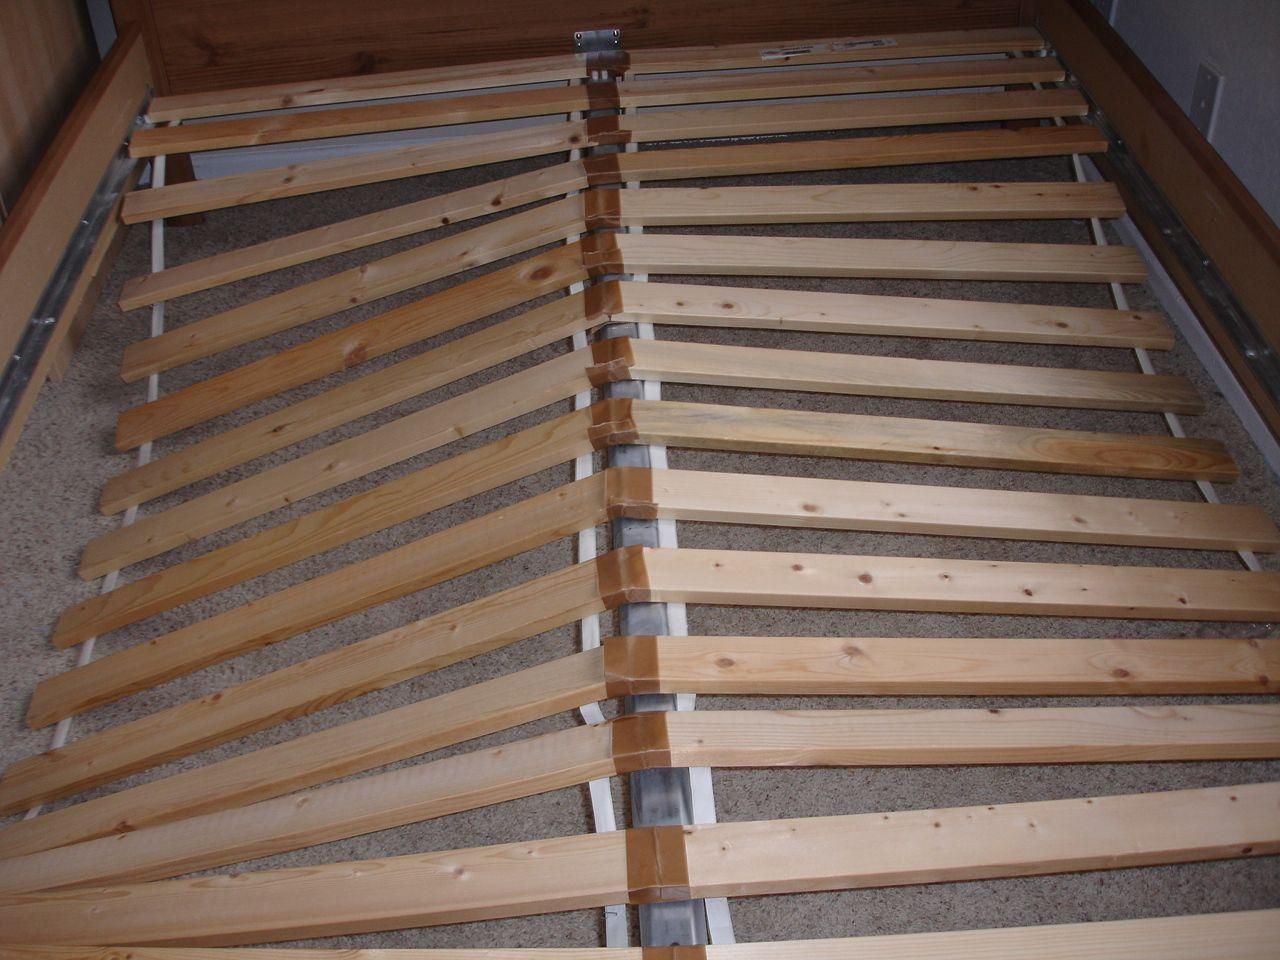 How To Fix An Ikea Bed Frame Fail Ikea Bed Slats Ikea Bed Ikea